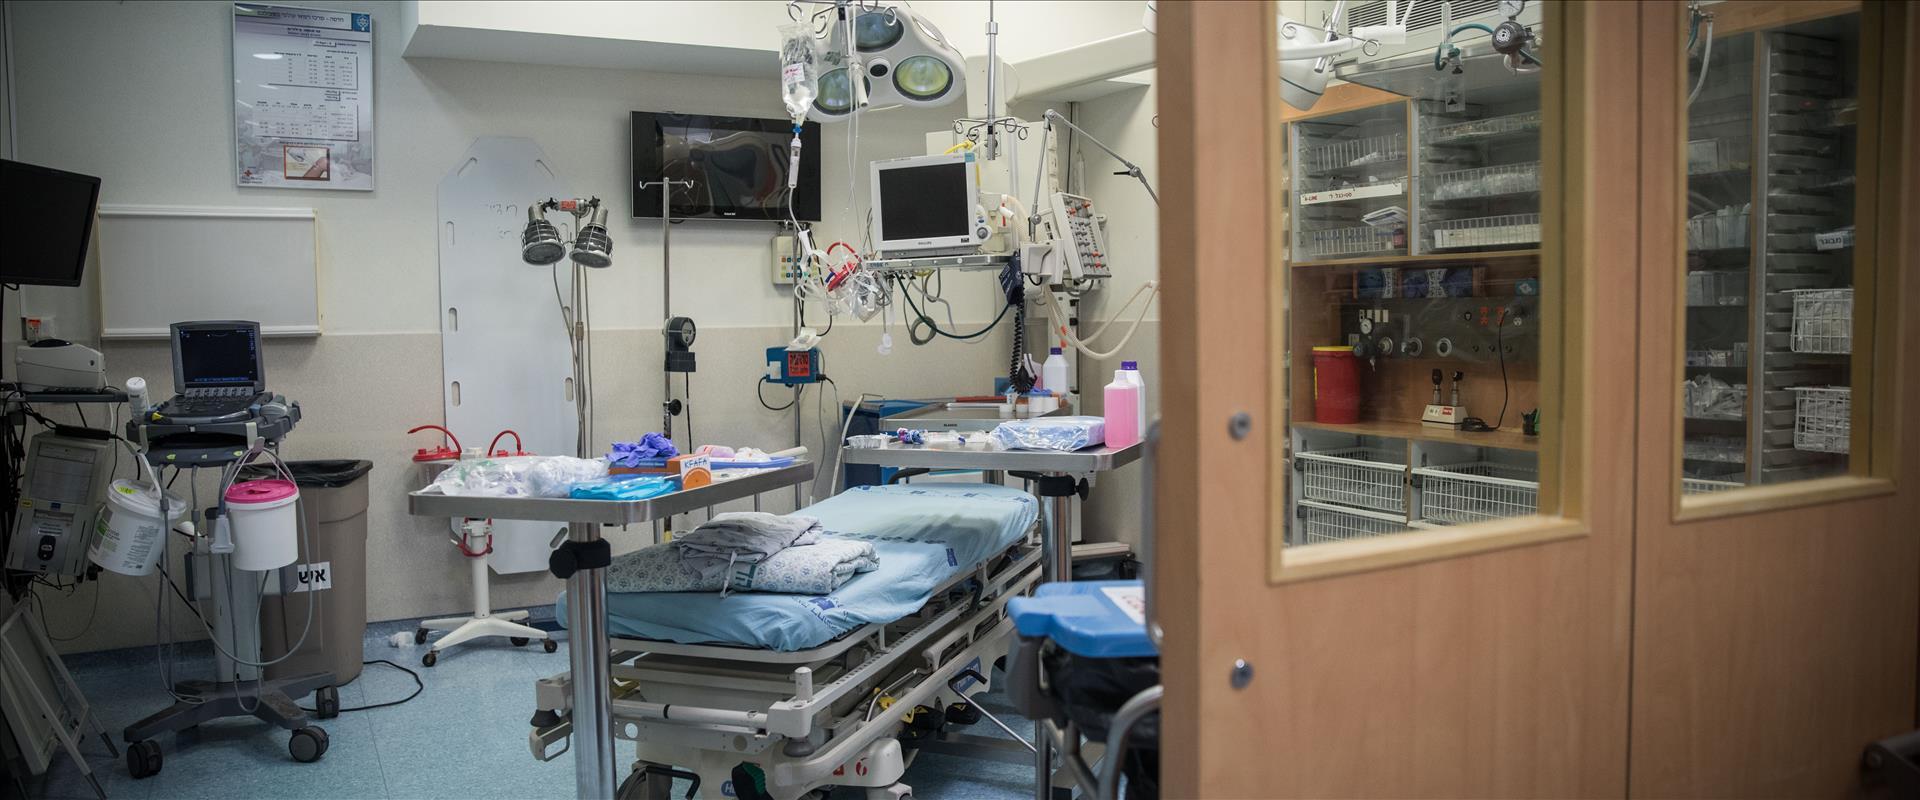 בית חולים הדסה עין כרם